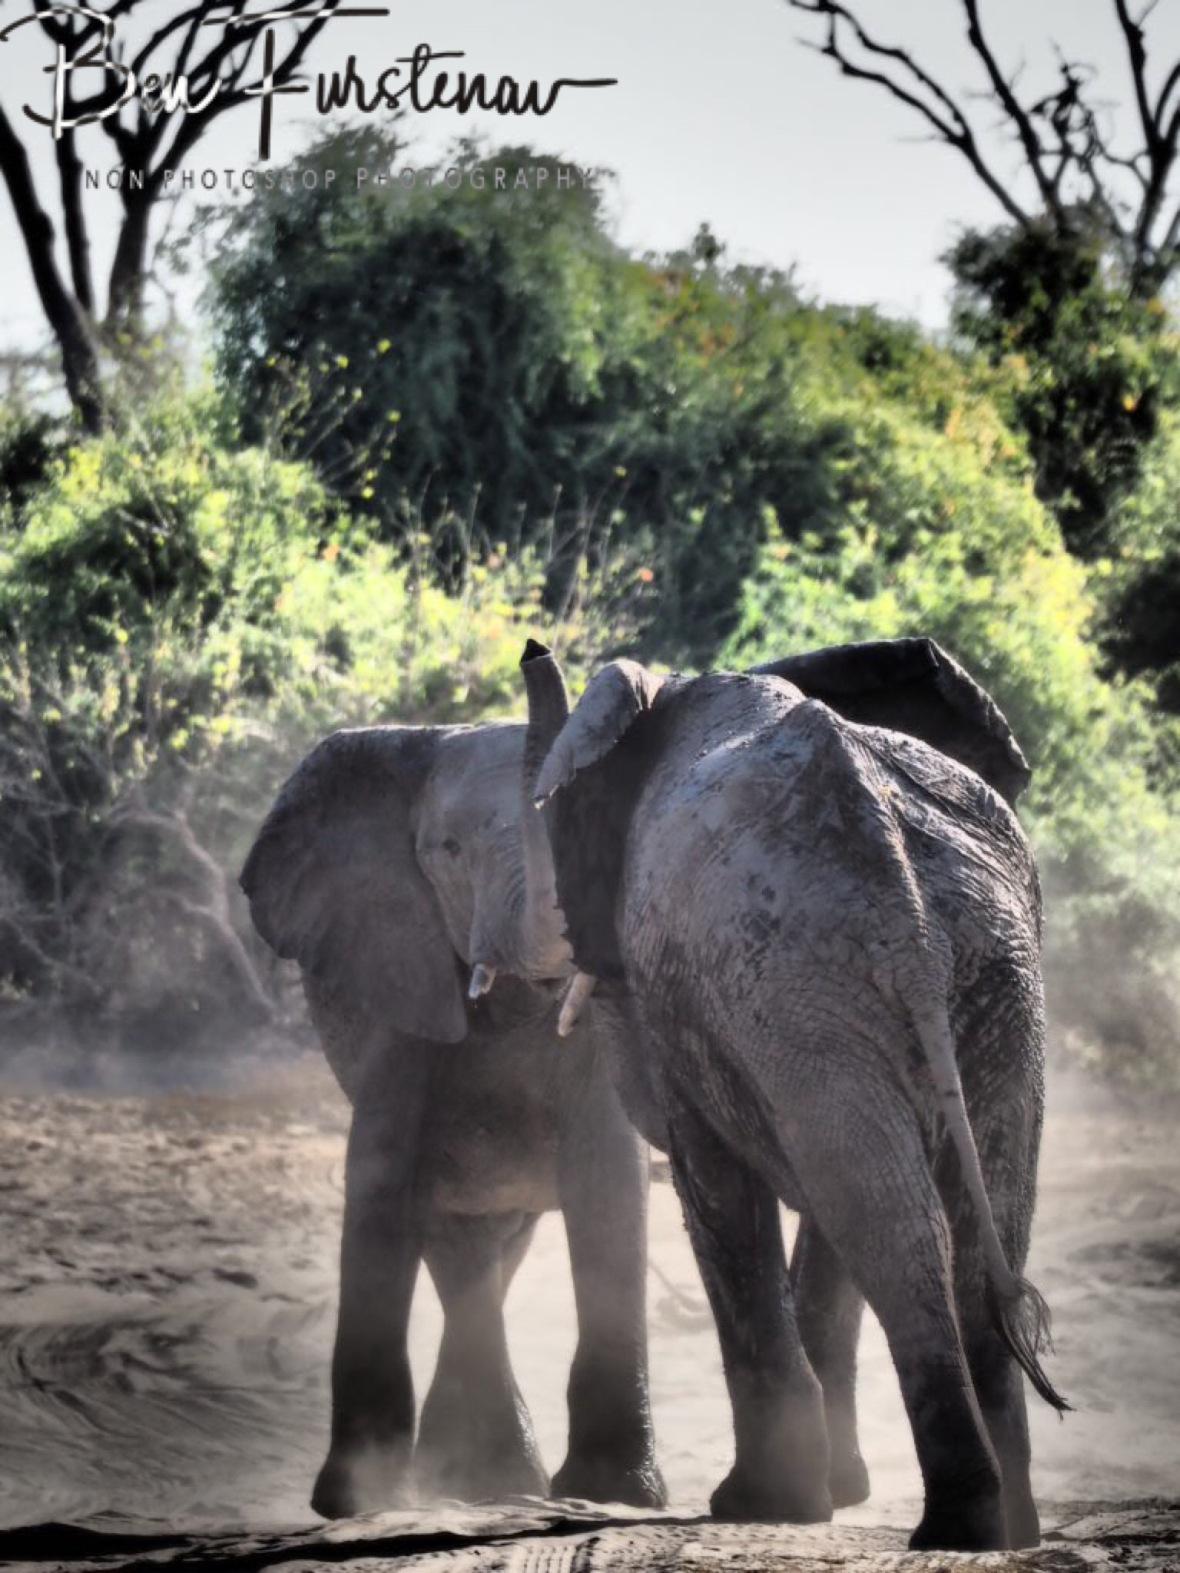 Elephant tussle, Chobe National Park, Botswana